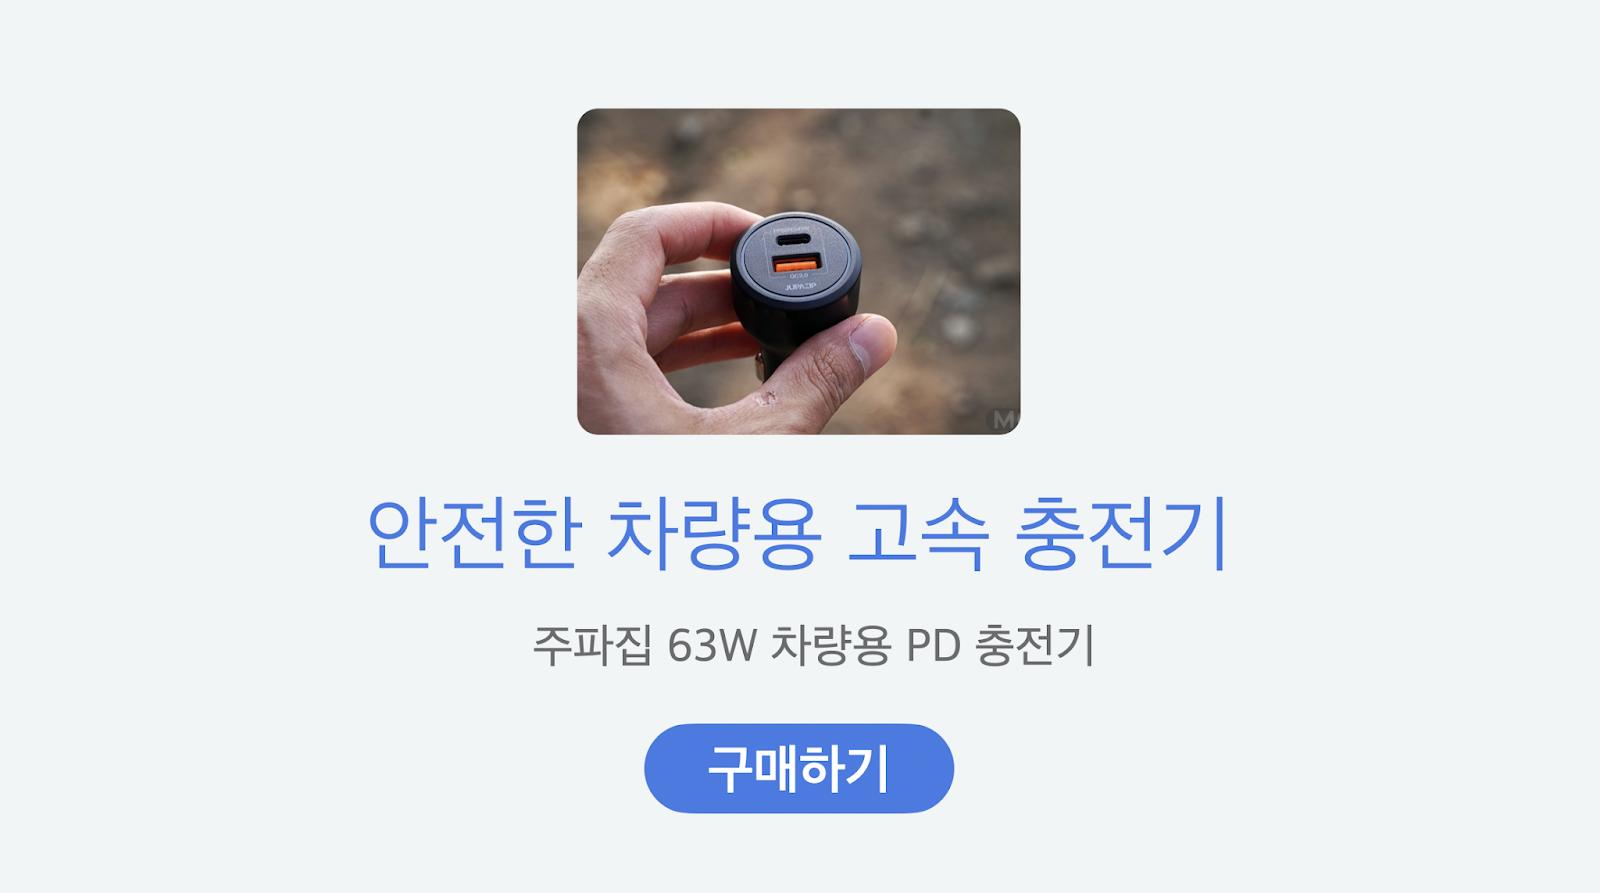 https://smartstore.naver.com/jupazip/products/4896452389